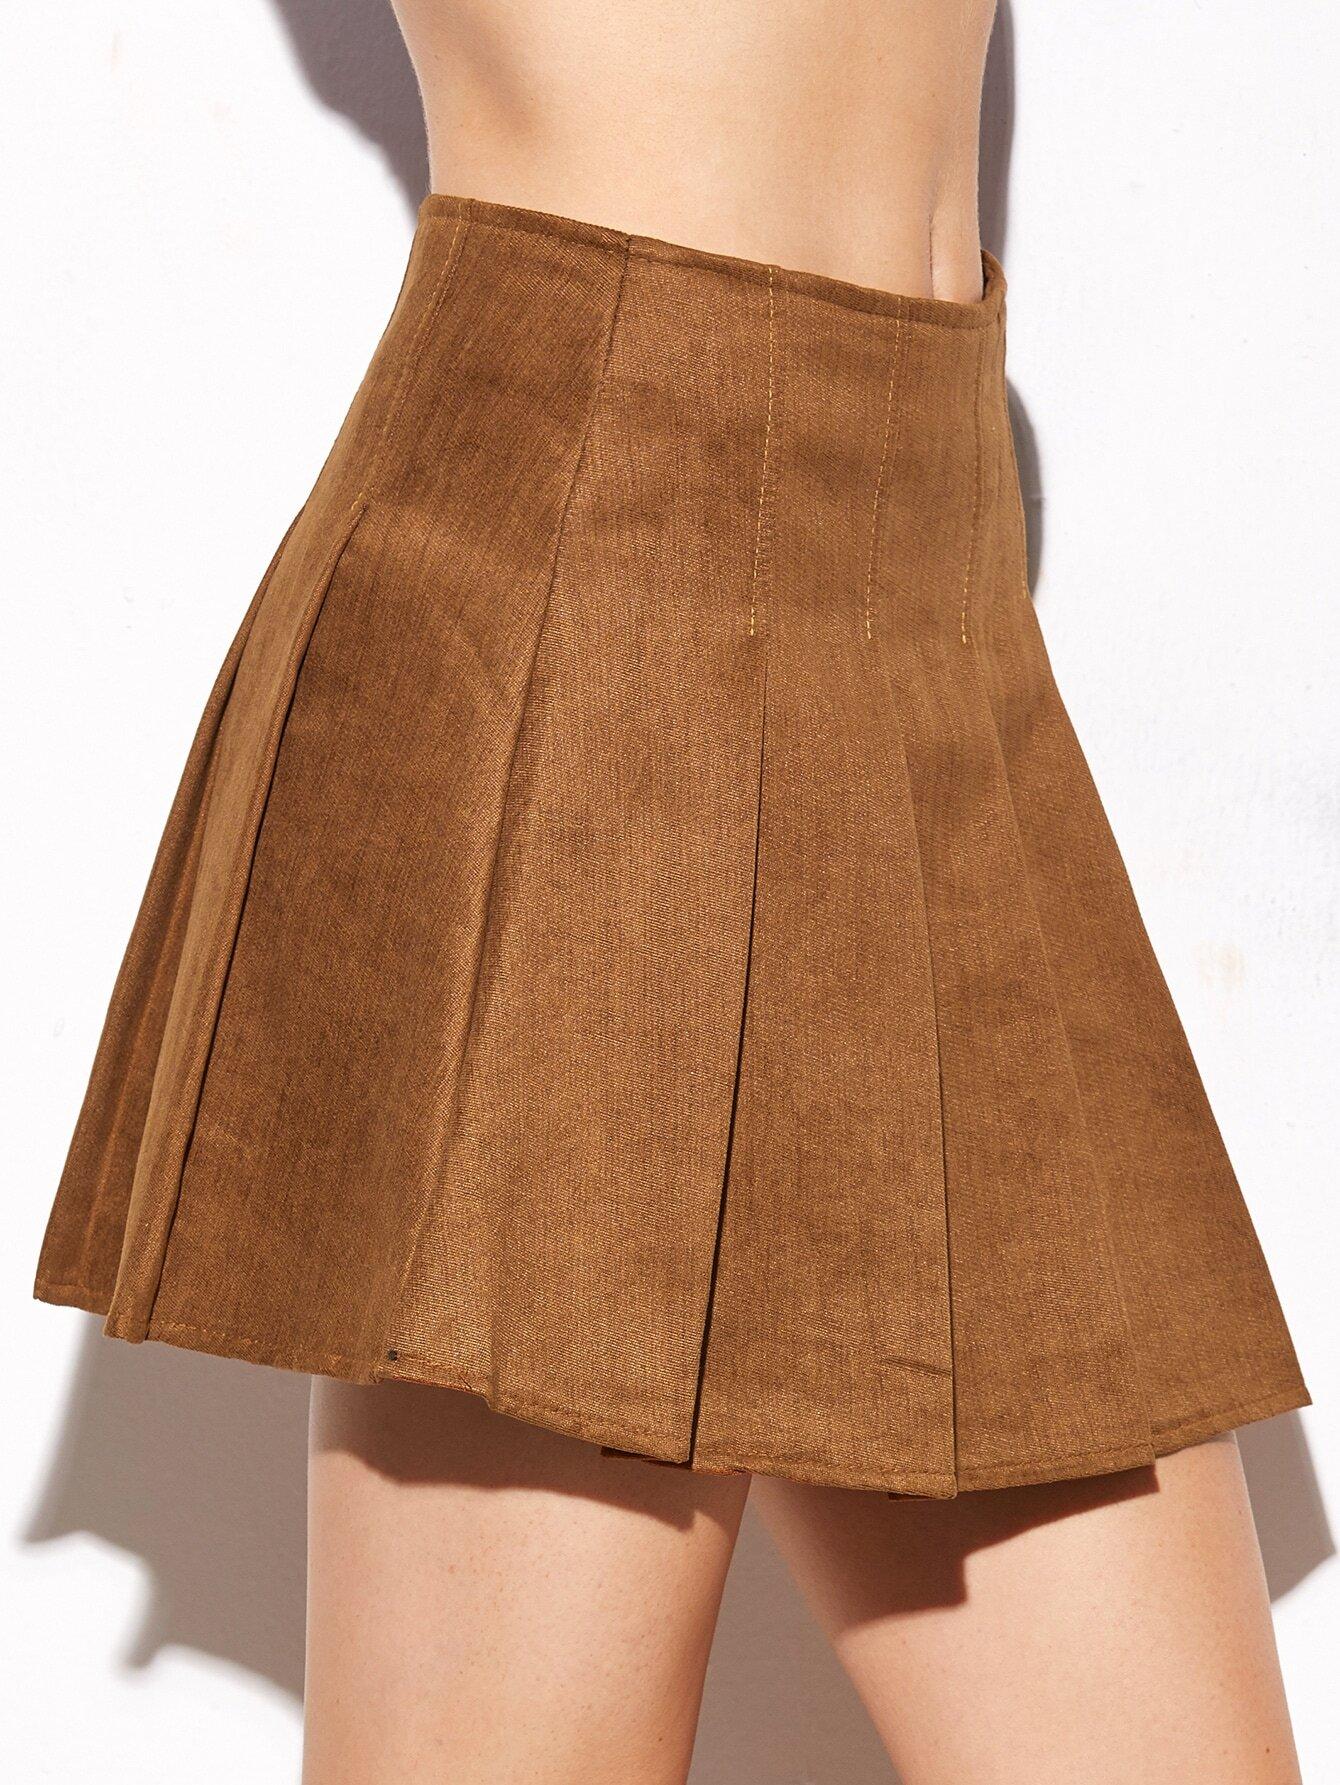 skirt161109001_2